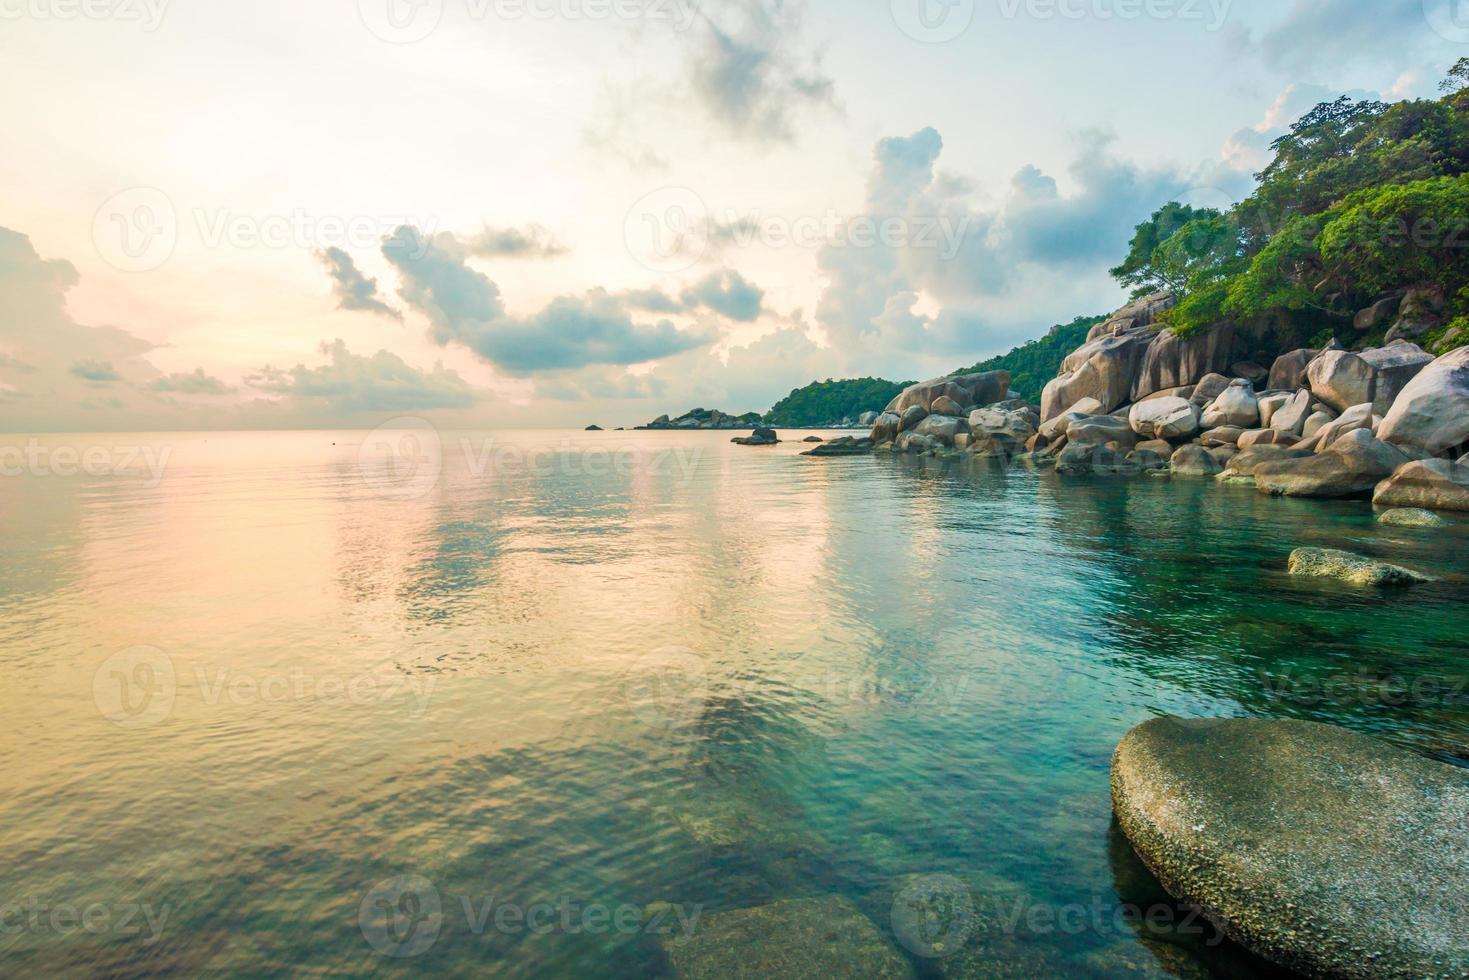 belas ilhas koh tao na tailândia. mergulho paraíso com foto